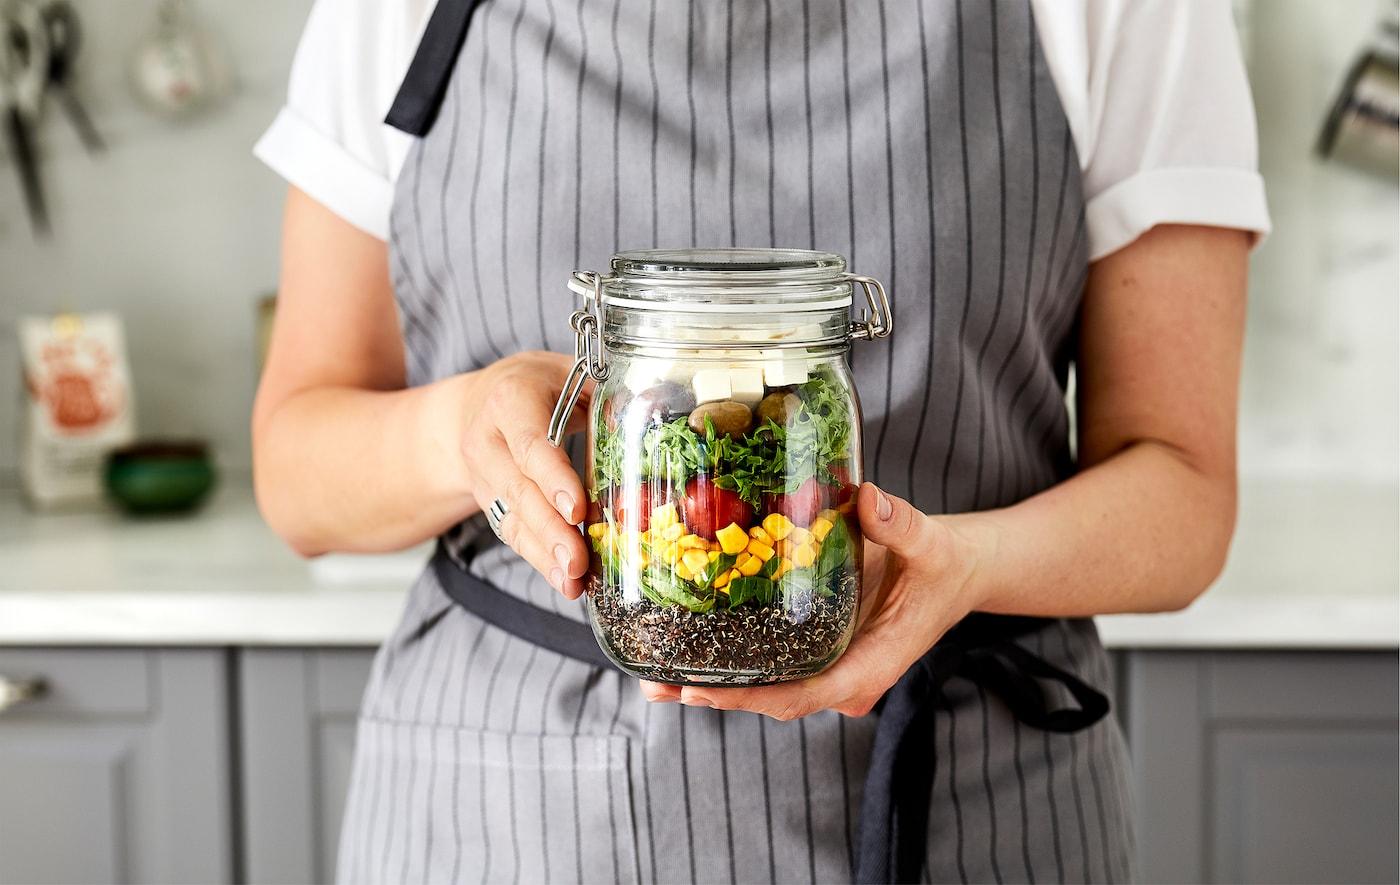 Une femme en tablier debout dans une cuisine, tenant dans ses mains un bocal en verre rempli d'une salade en plusieurs couches colorées.